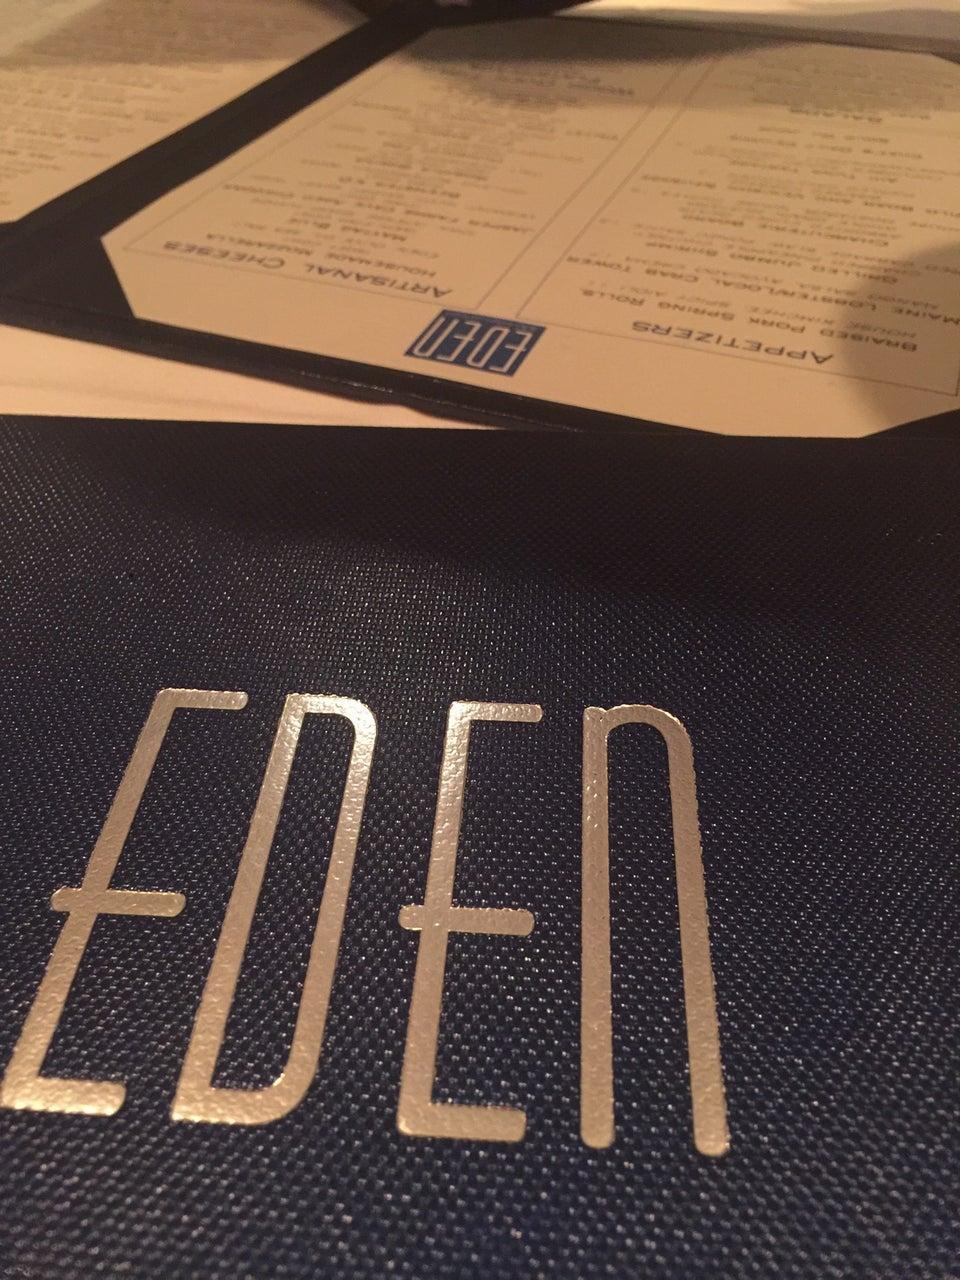 Photo of Eden Restaurant